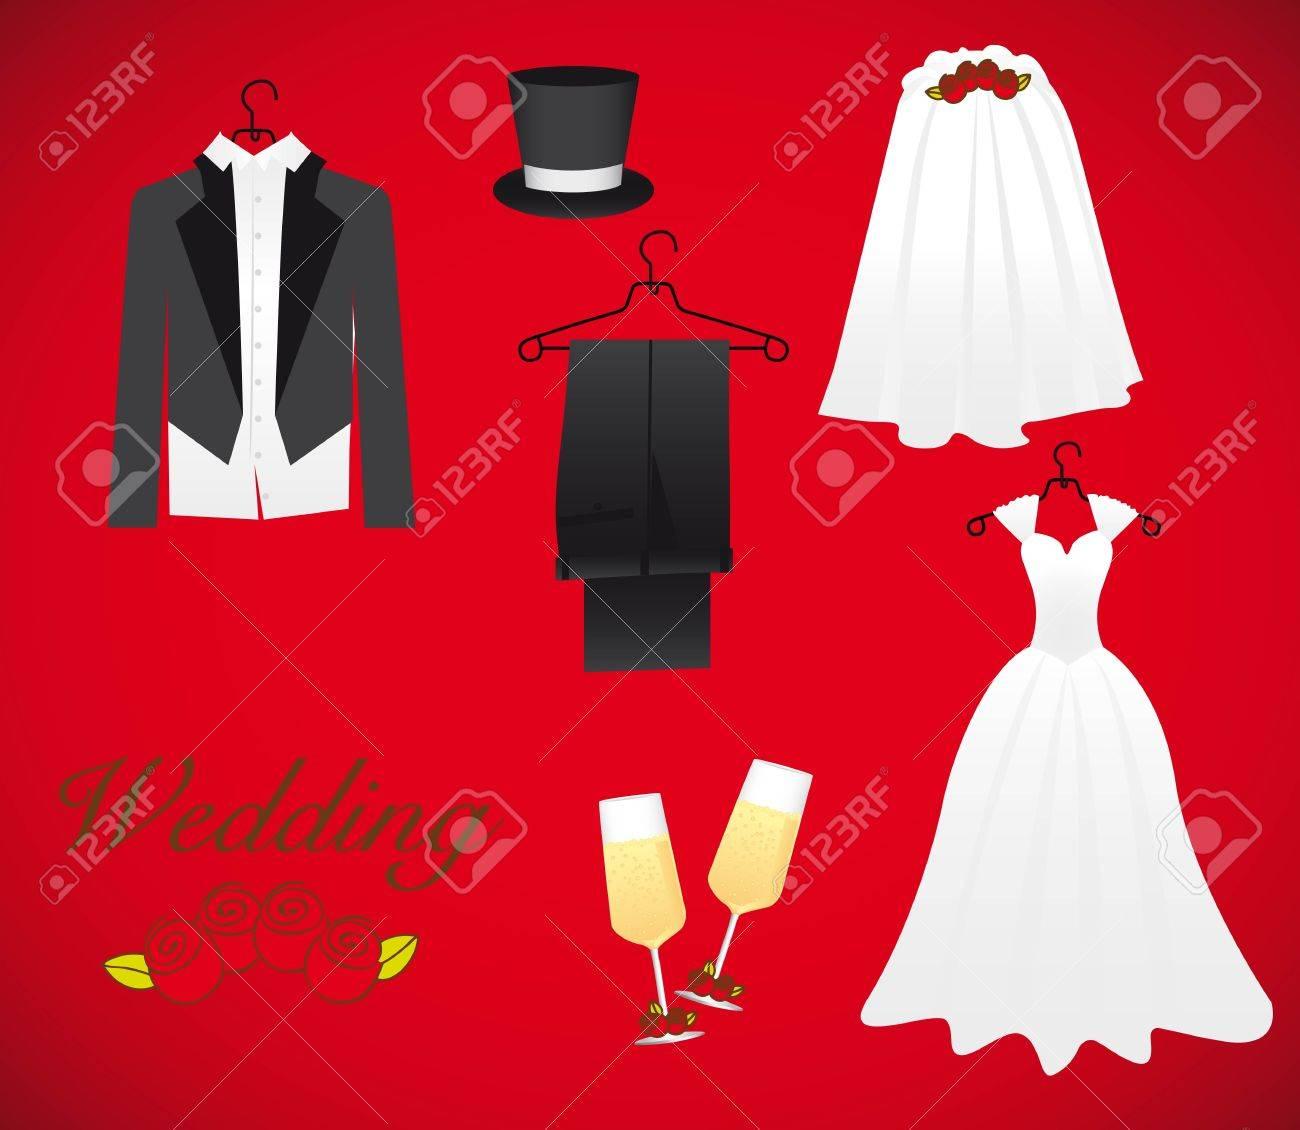 Objekte Der Ehe Einschliesslich Hochzeitskleid Brautigam Kleid